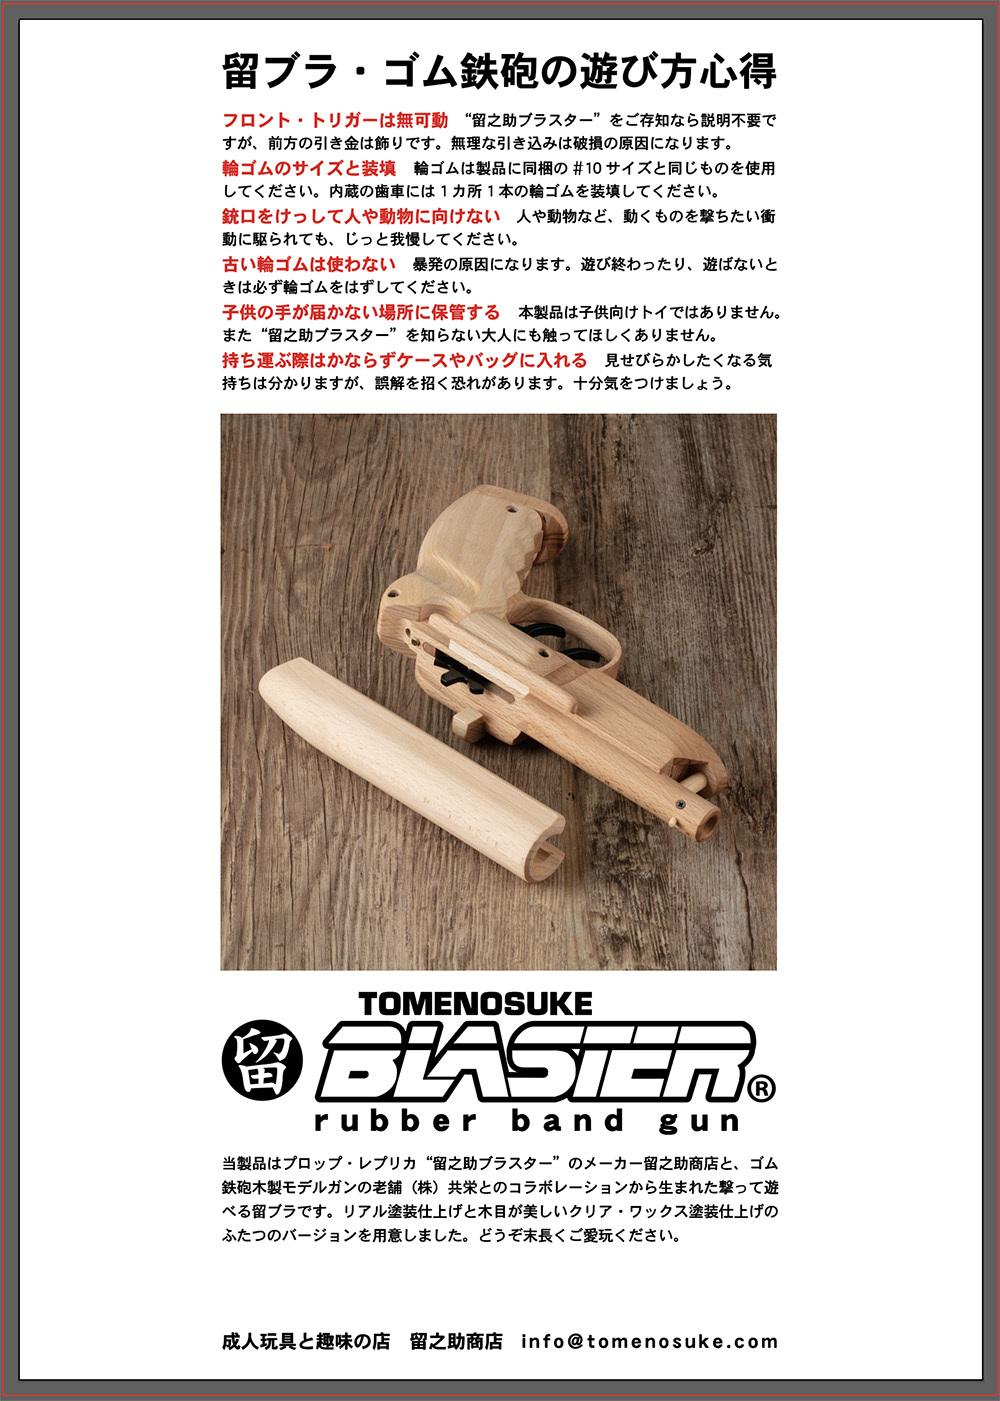 留ブラ・ゴム鉄砲、完売御礼_a0077842_21445912.jpg